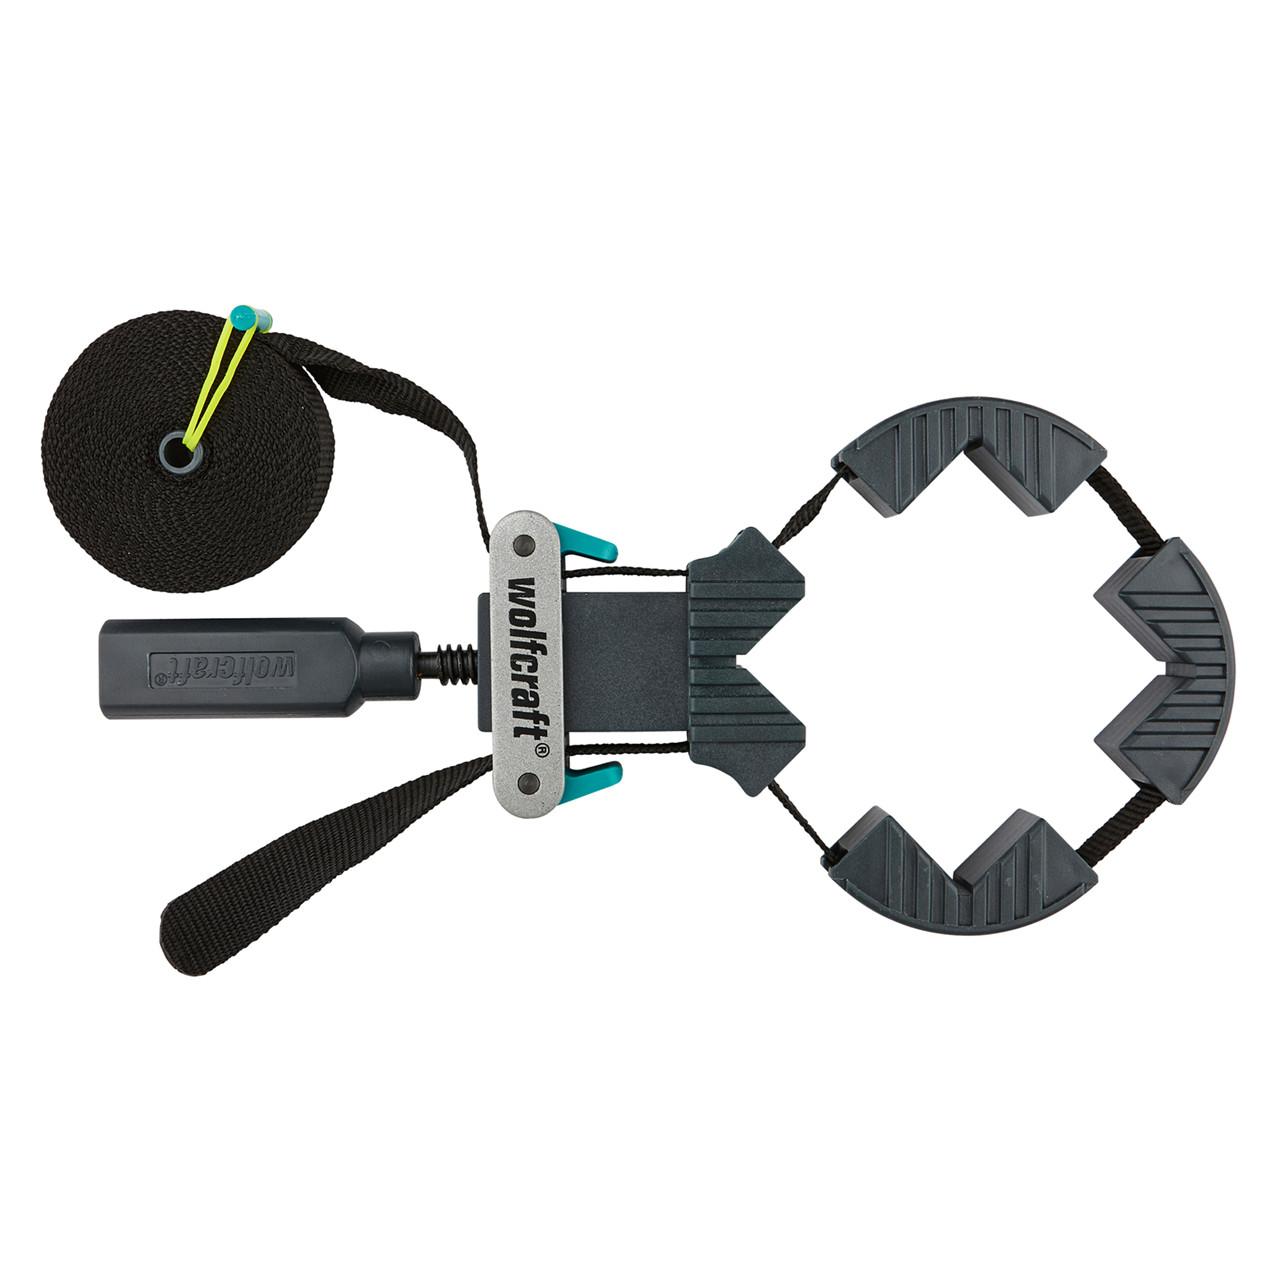 WOLFCRAFT Båndspænder 4 kæber længde 4m - Værktøj -> Håndværktøj -> Spændeværktøj|Værktøj -> Håndværktøj|Mærker -> Wolfcraft